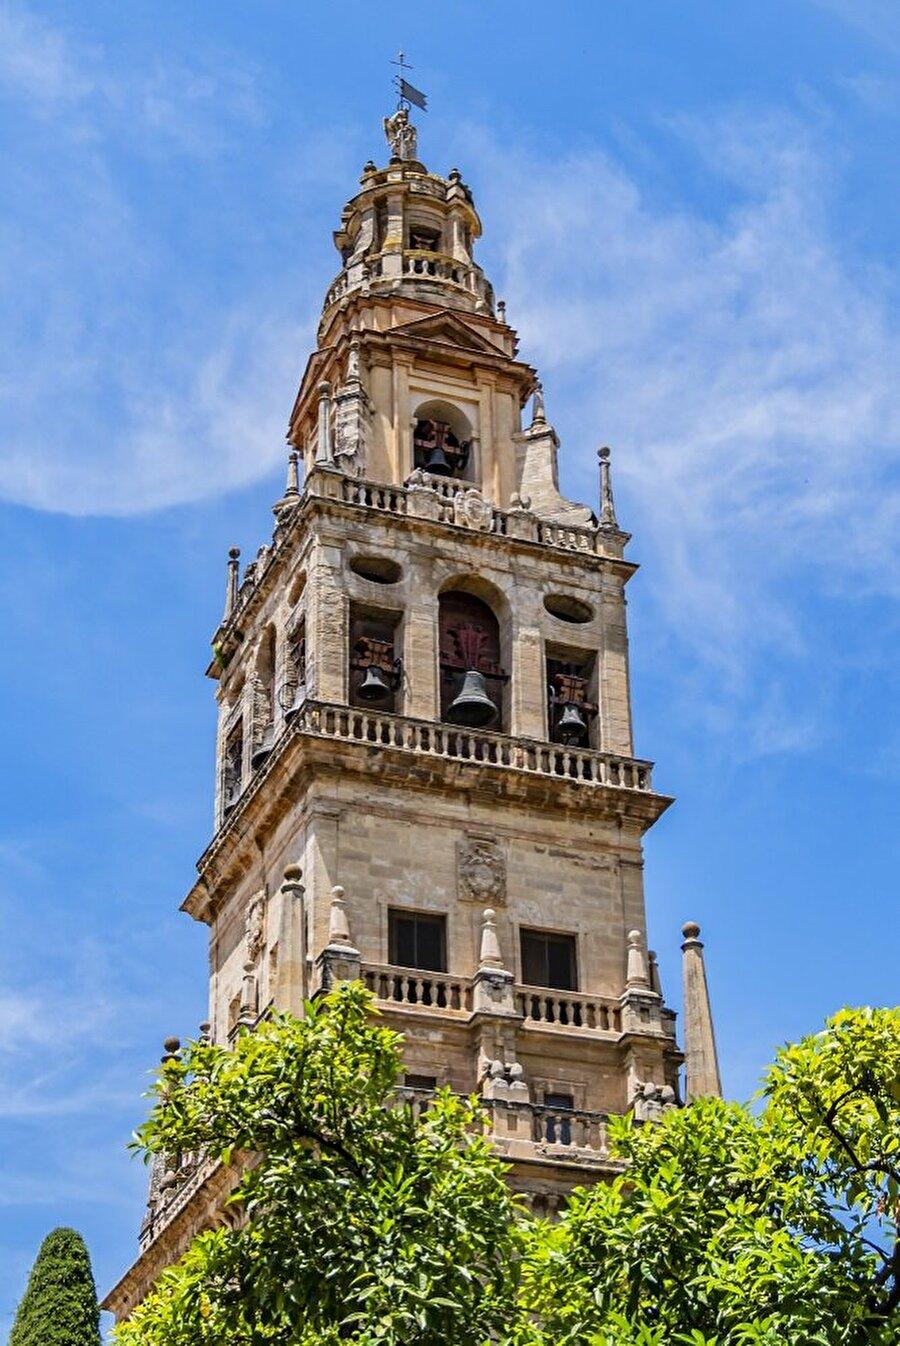 Yapının katedrale dönüştürülmesinin ardından, caminin minaresi de büyük ölçüde yıkılarak çan kulesine çevrildi.